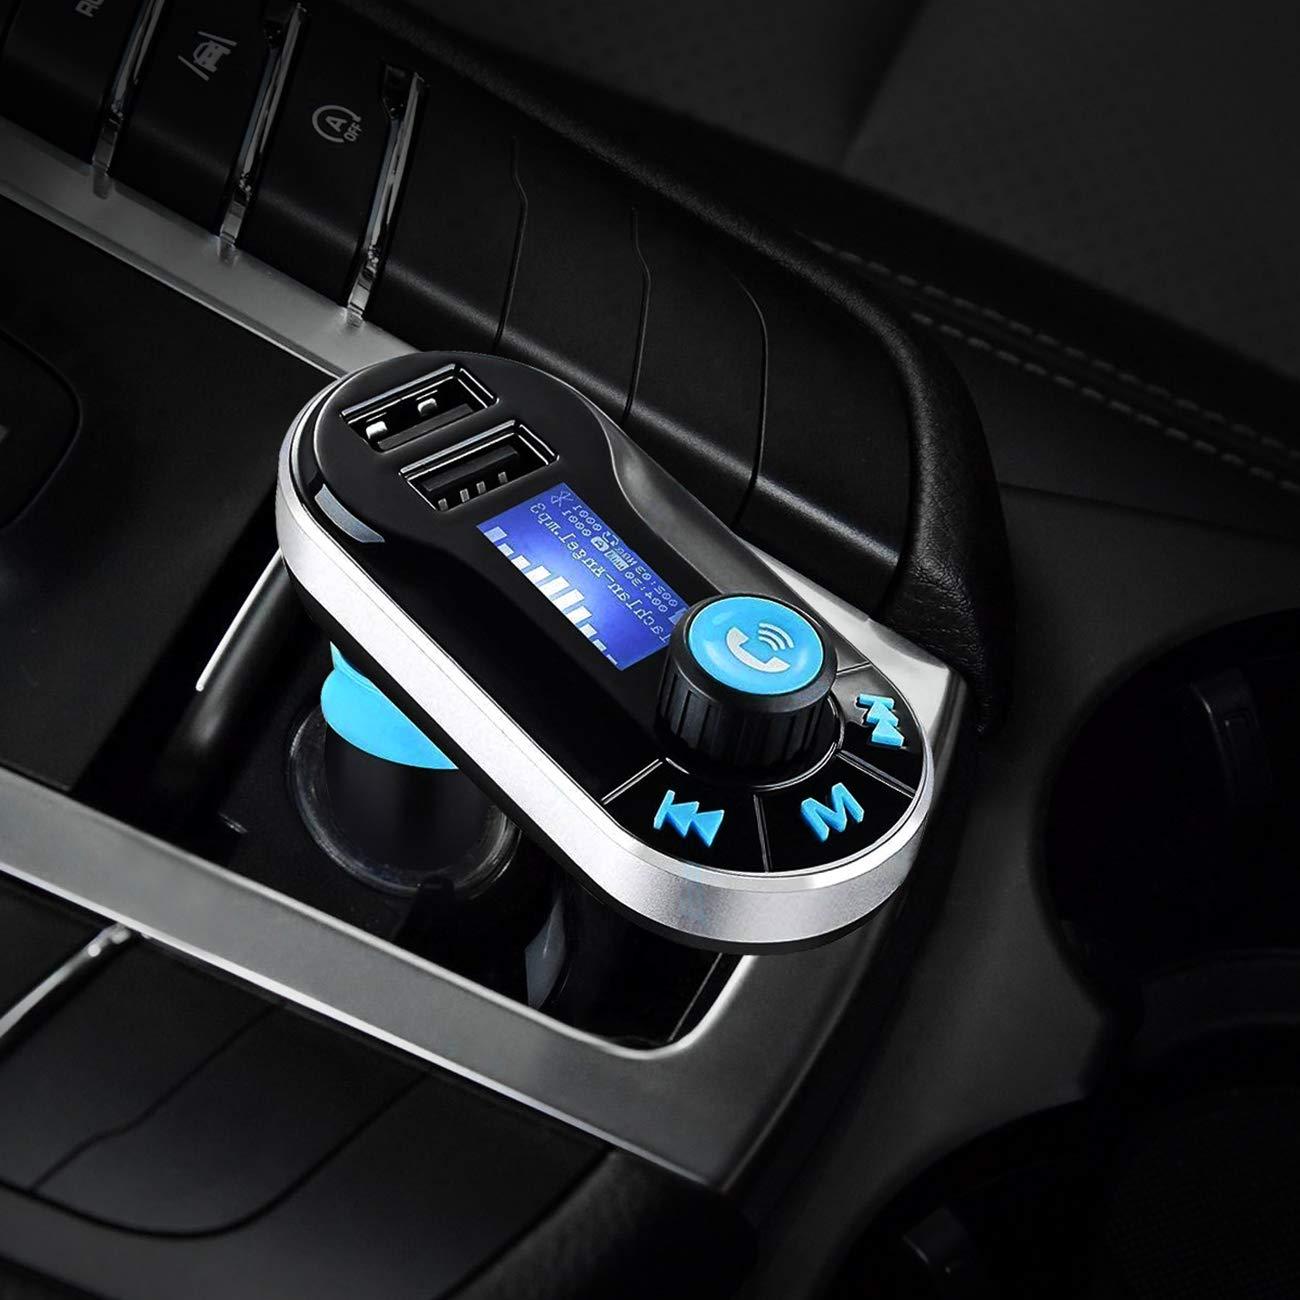 Favoto Transmetteur FM avec Micro Kit Bluetooth de Voiture Lecteur MP3 Sliver Appel Mains Libres Double USB Chargeur Allume-Cigare Haut-Parleur Slot AUX in et Micro SD Carte